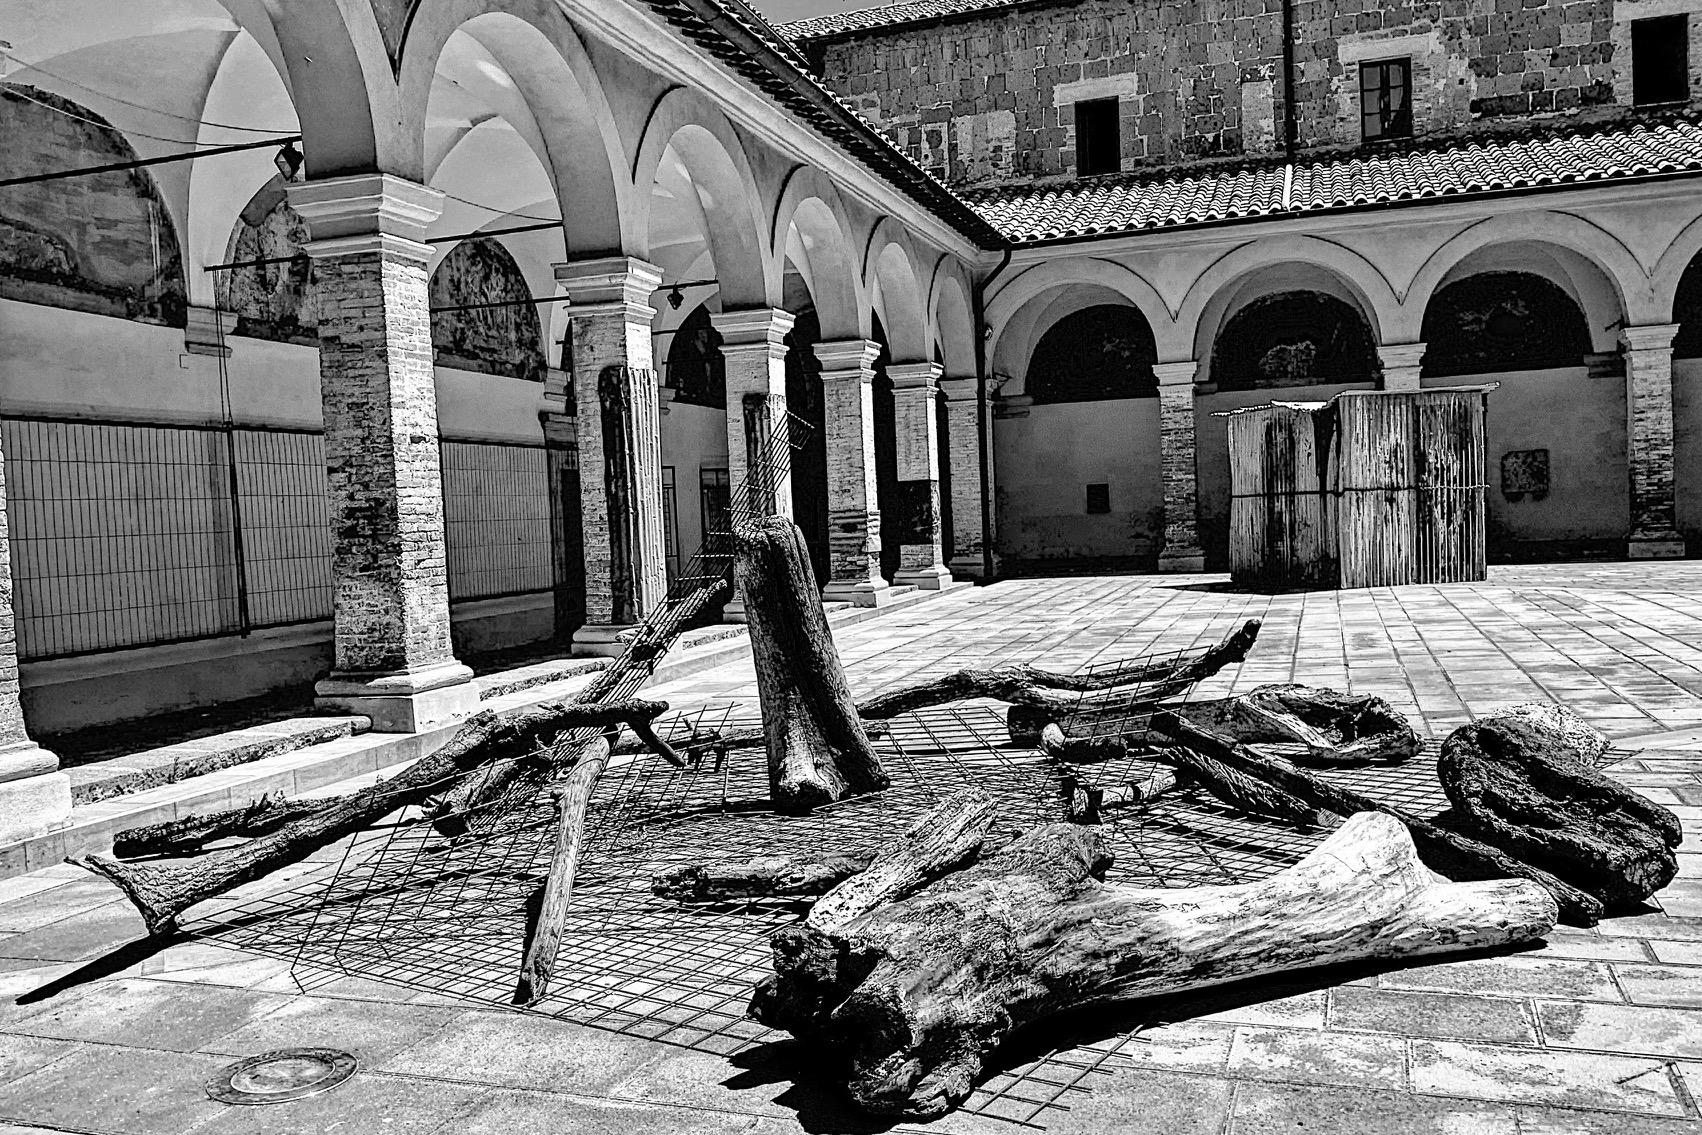 Valentina Palazzari, Affuoco, 2019, exhibition-view, Urban Vision Festival, Project Chiostro di San Francesco, Acquapendente, VT. ph Isaco Praxolu